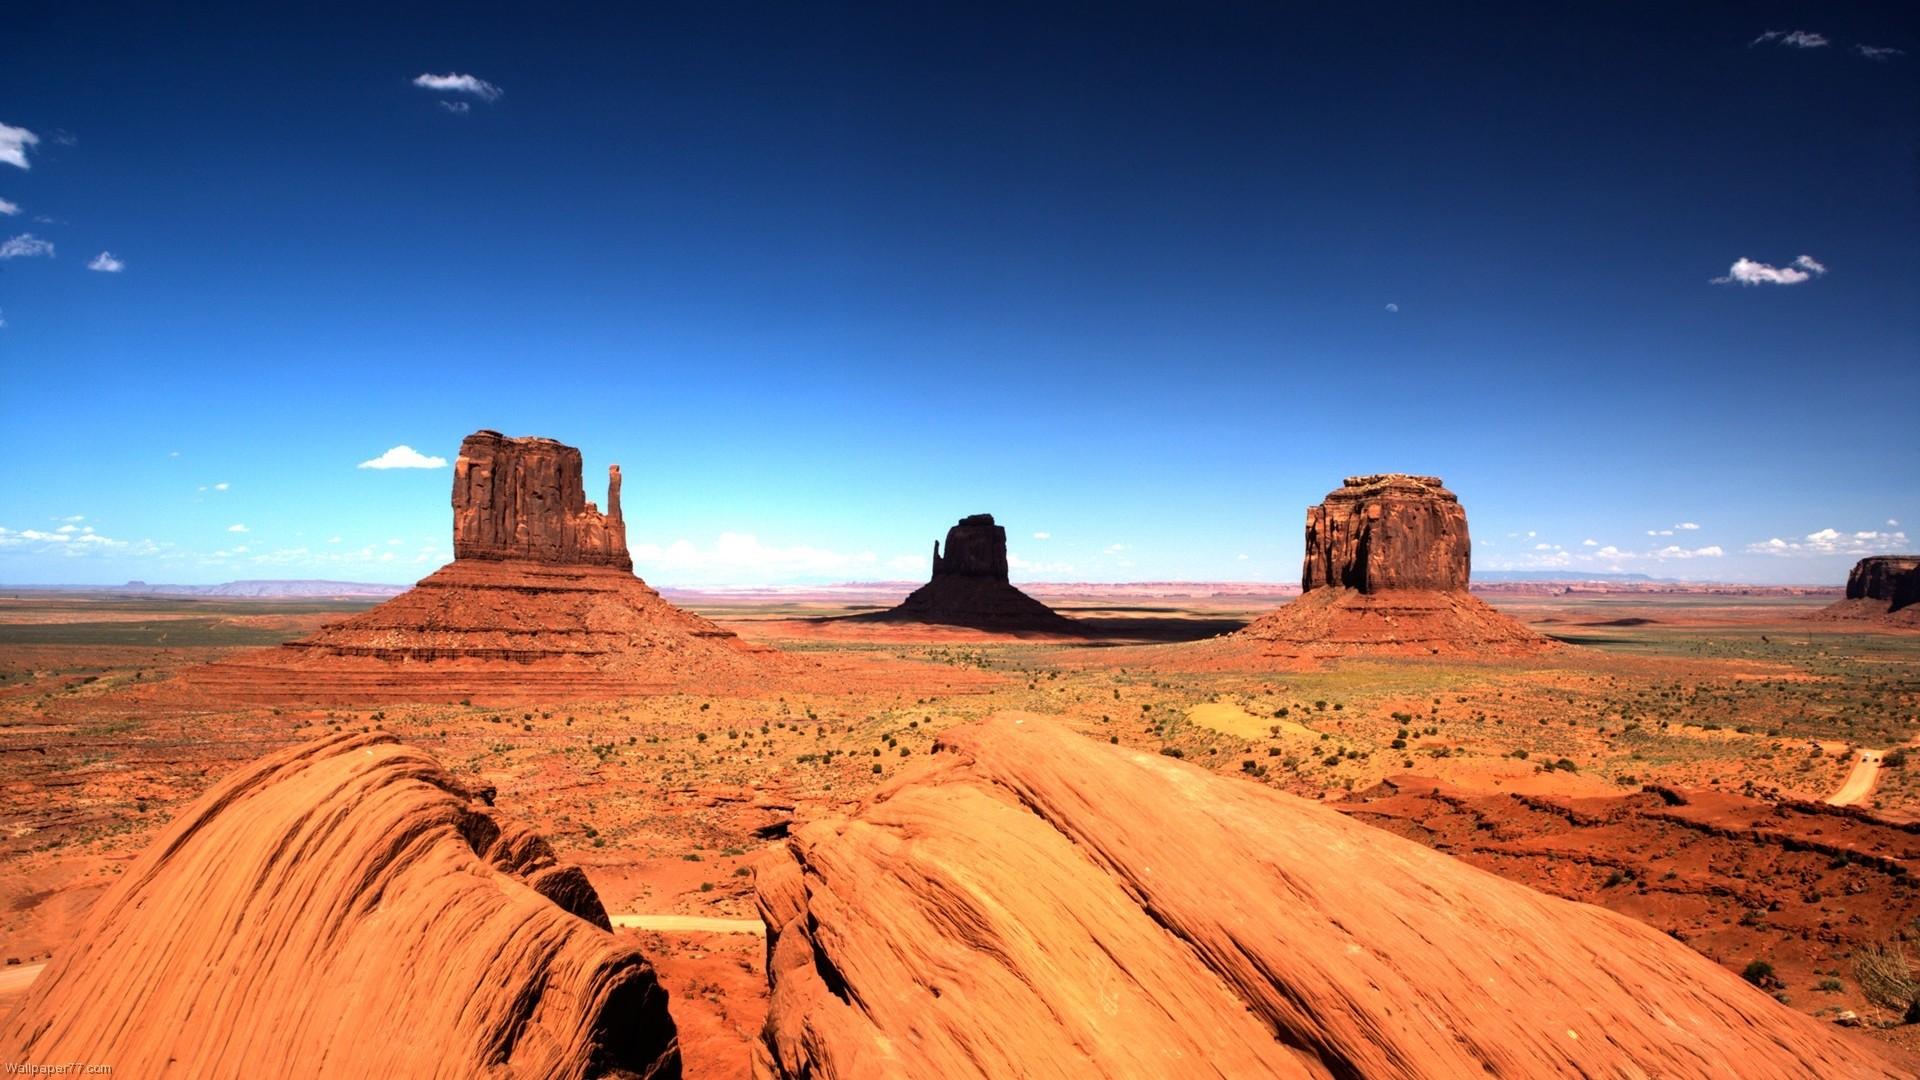 Desert wallpaper photo hd